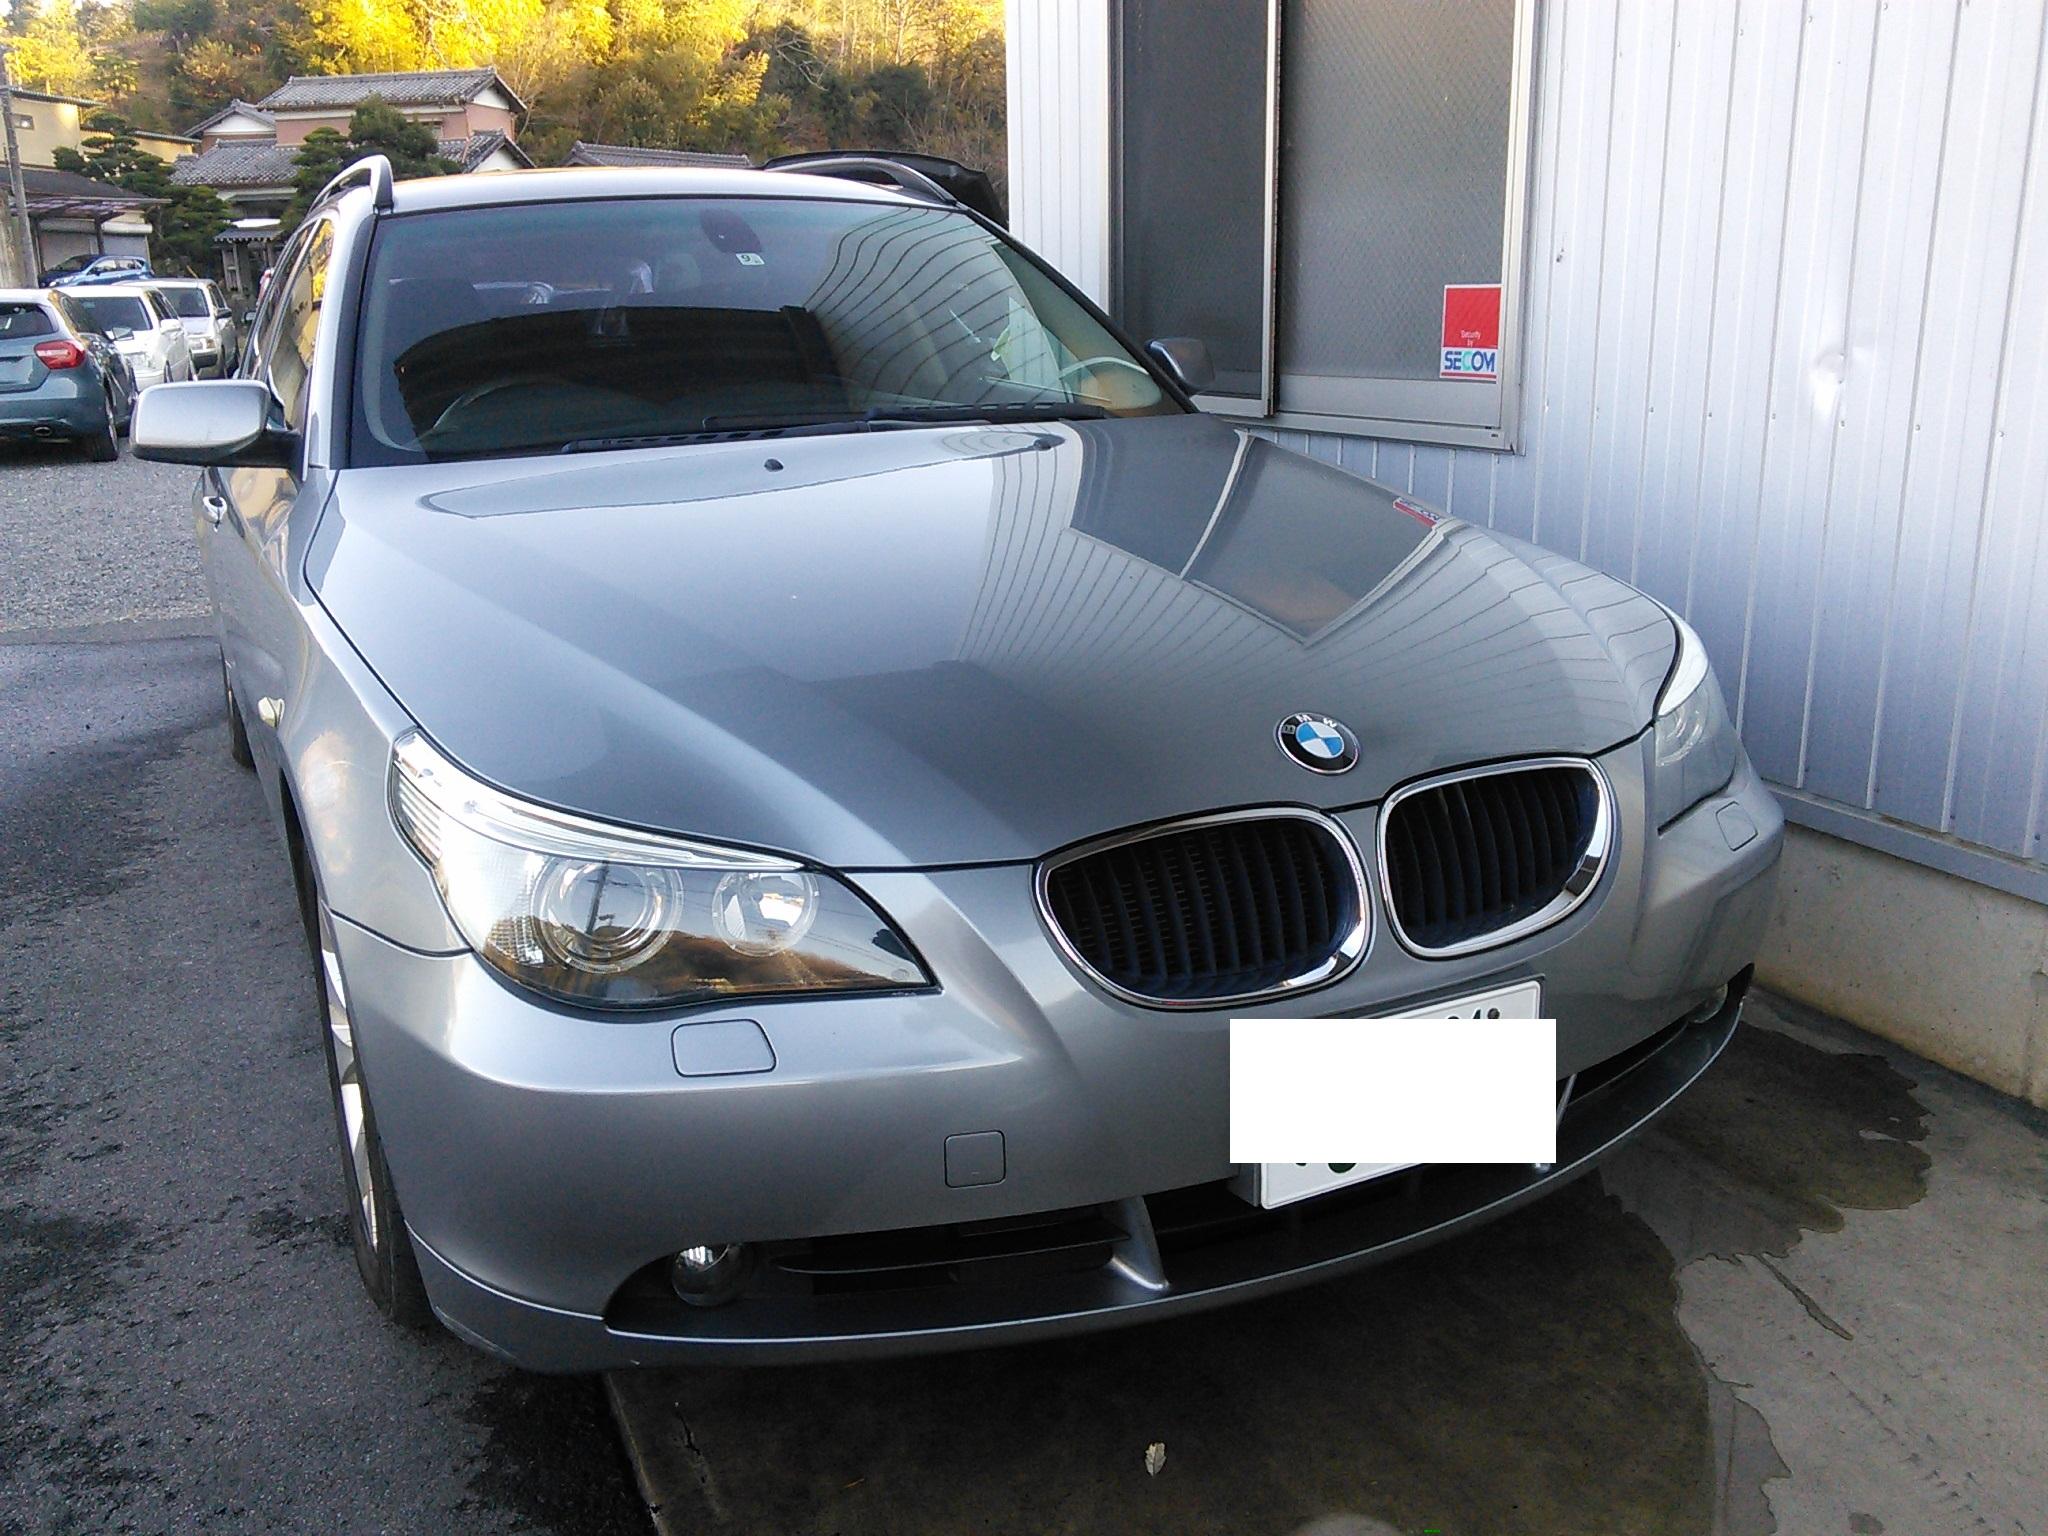 BMW E61キーレスが効かない トランクオープナーでリヤガラスあかない